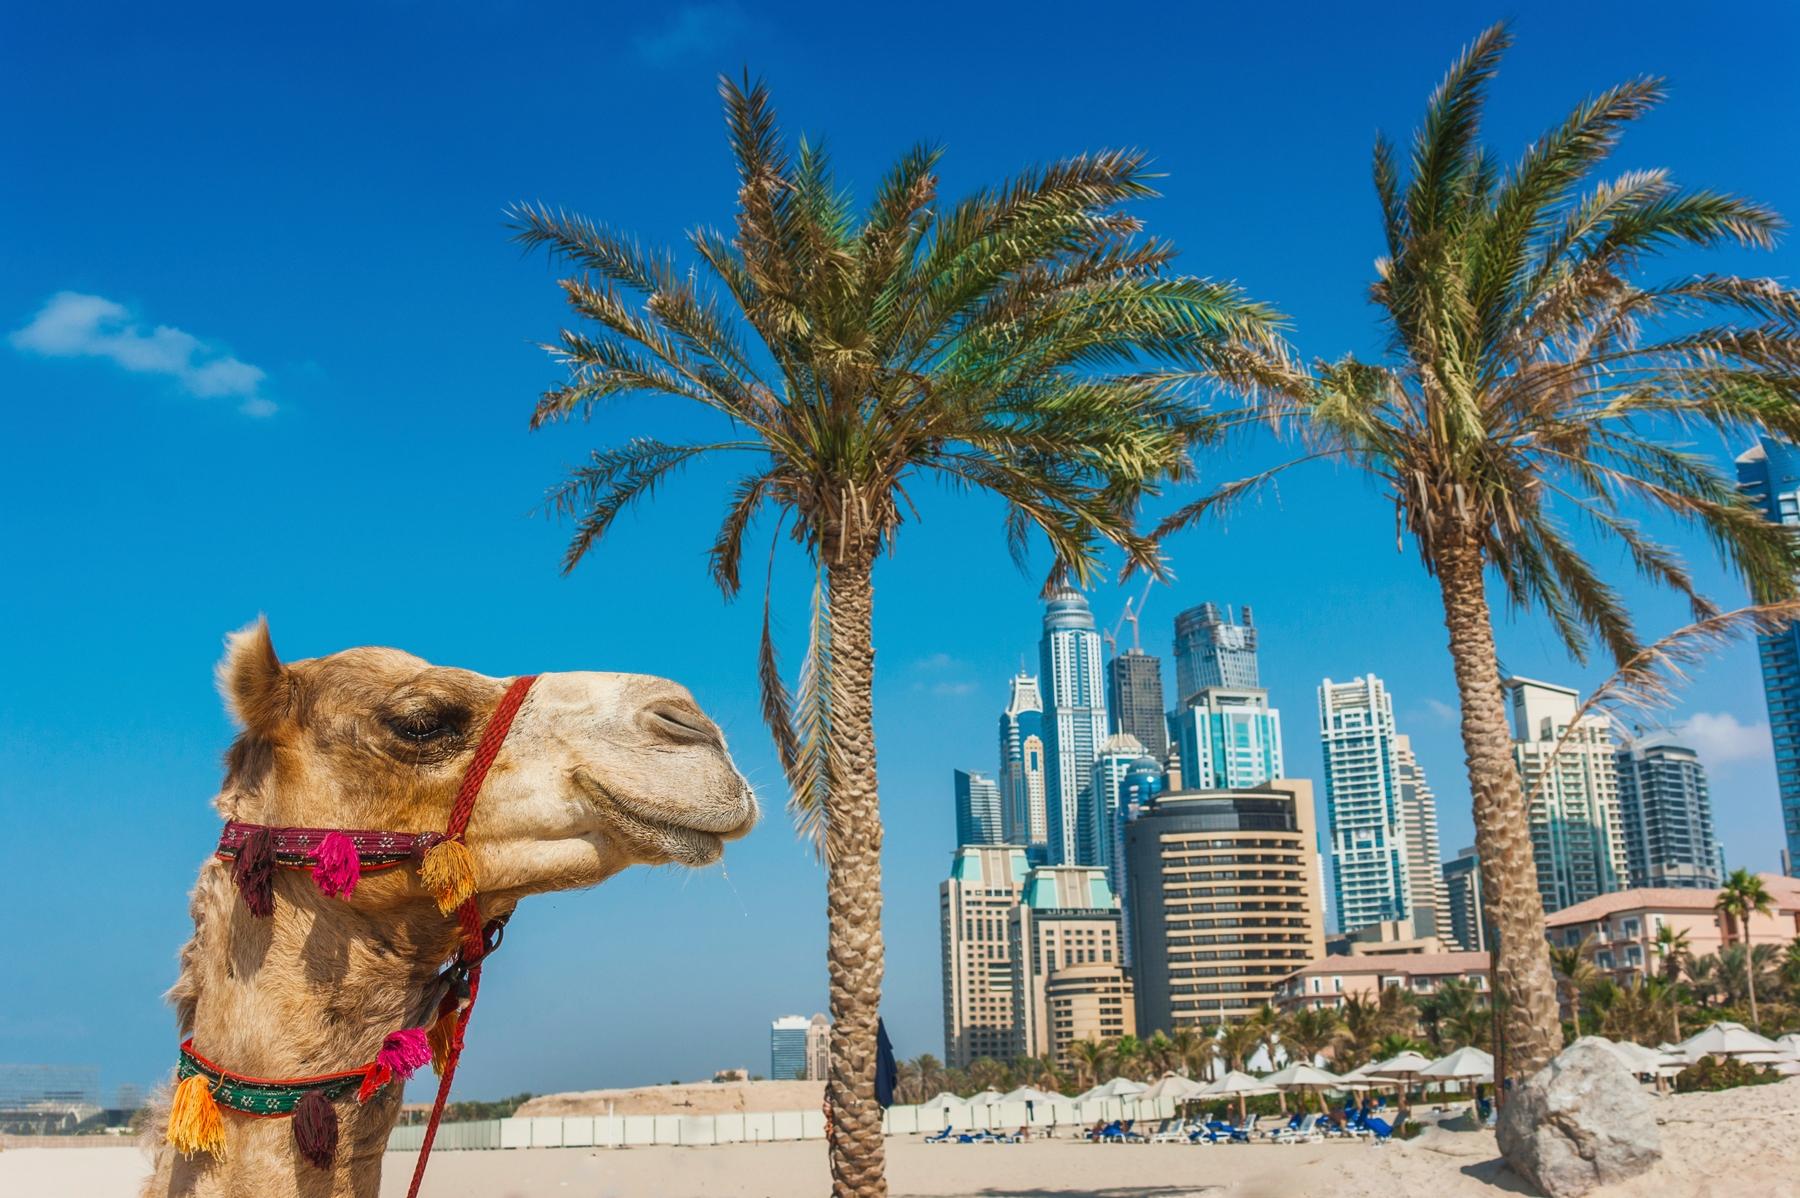 Куда поехать на отдых с семьей: билеты в Объединенные Арабские Эмираты